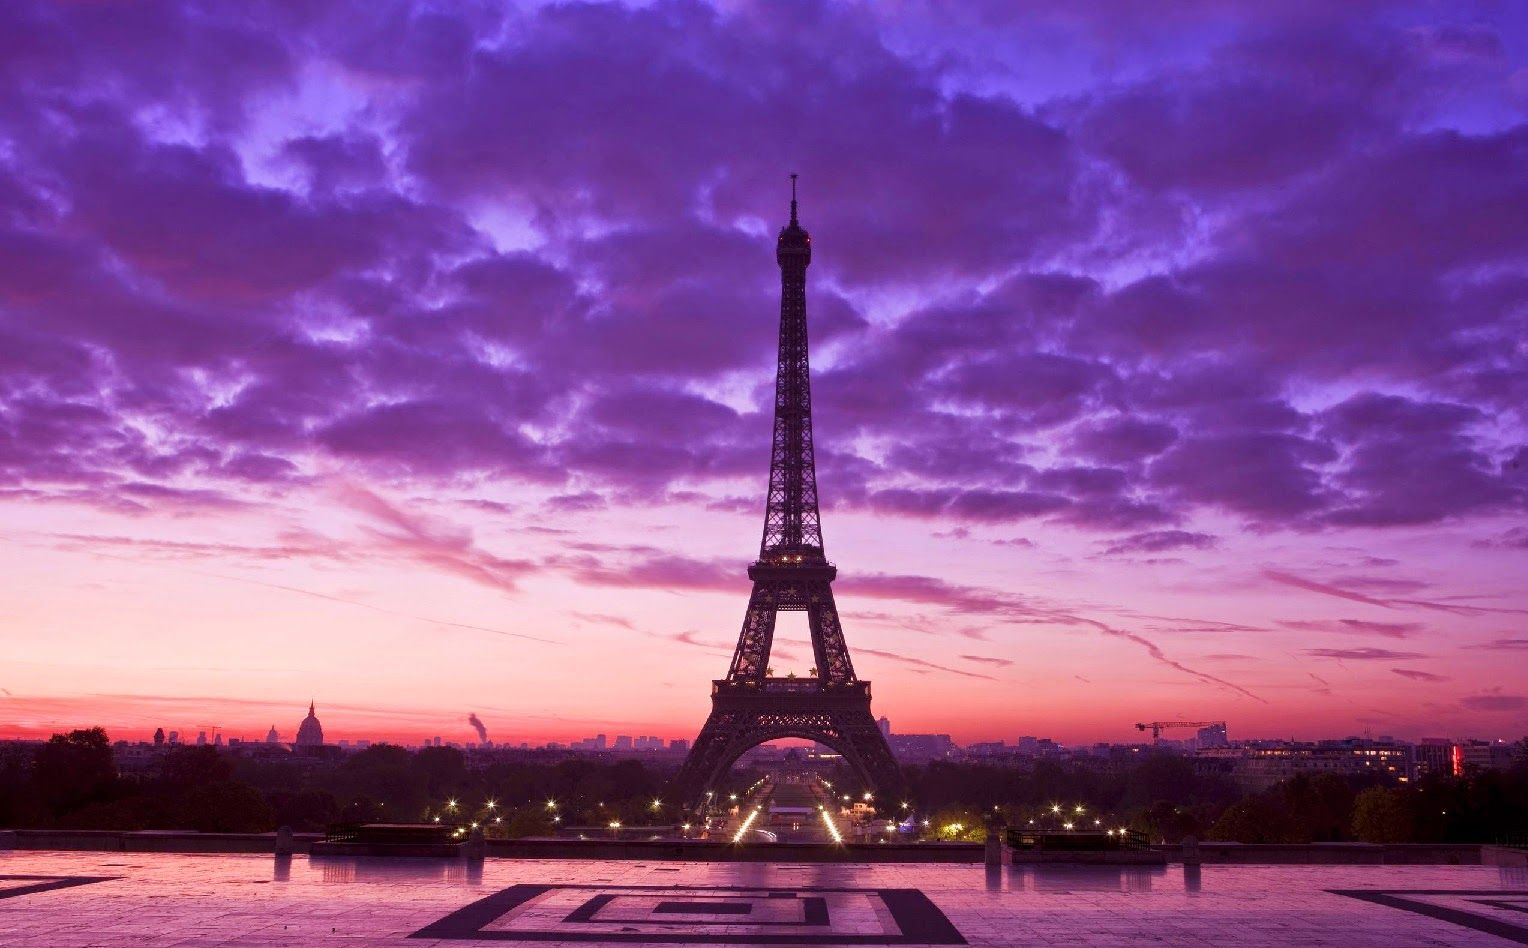 برج ايفل خلفيات Paris Wallpaper Eiffel Tower Pink Paris Wallpaper